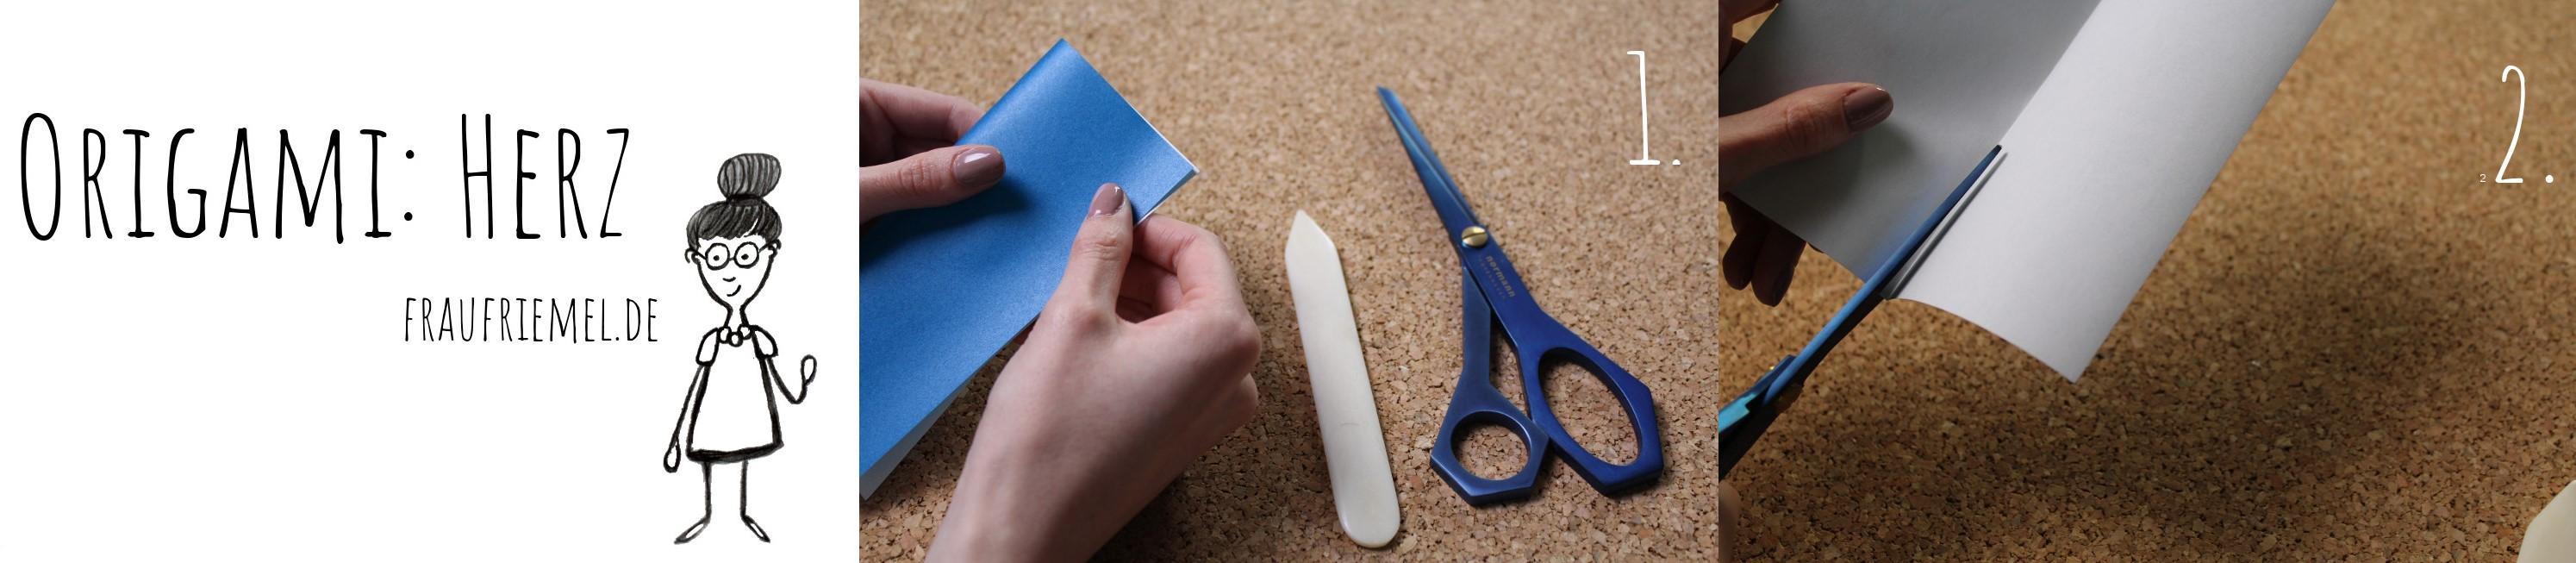 Origami Herz Anleitung von frau friemel Schritt 1-2